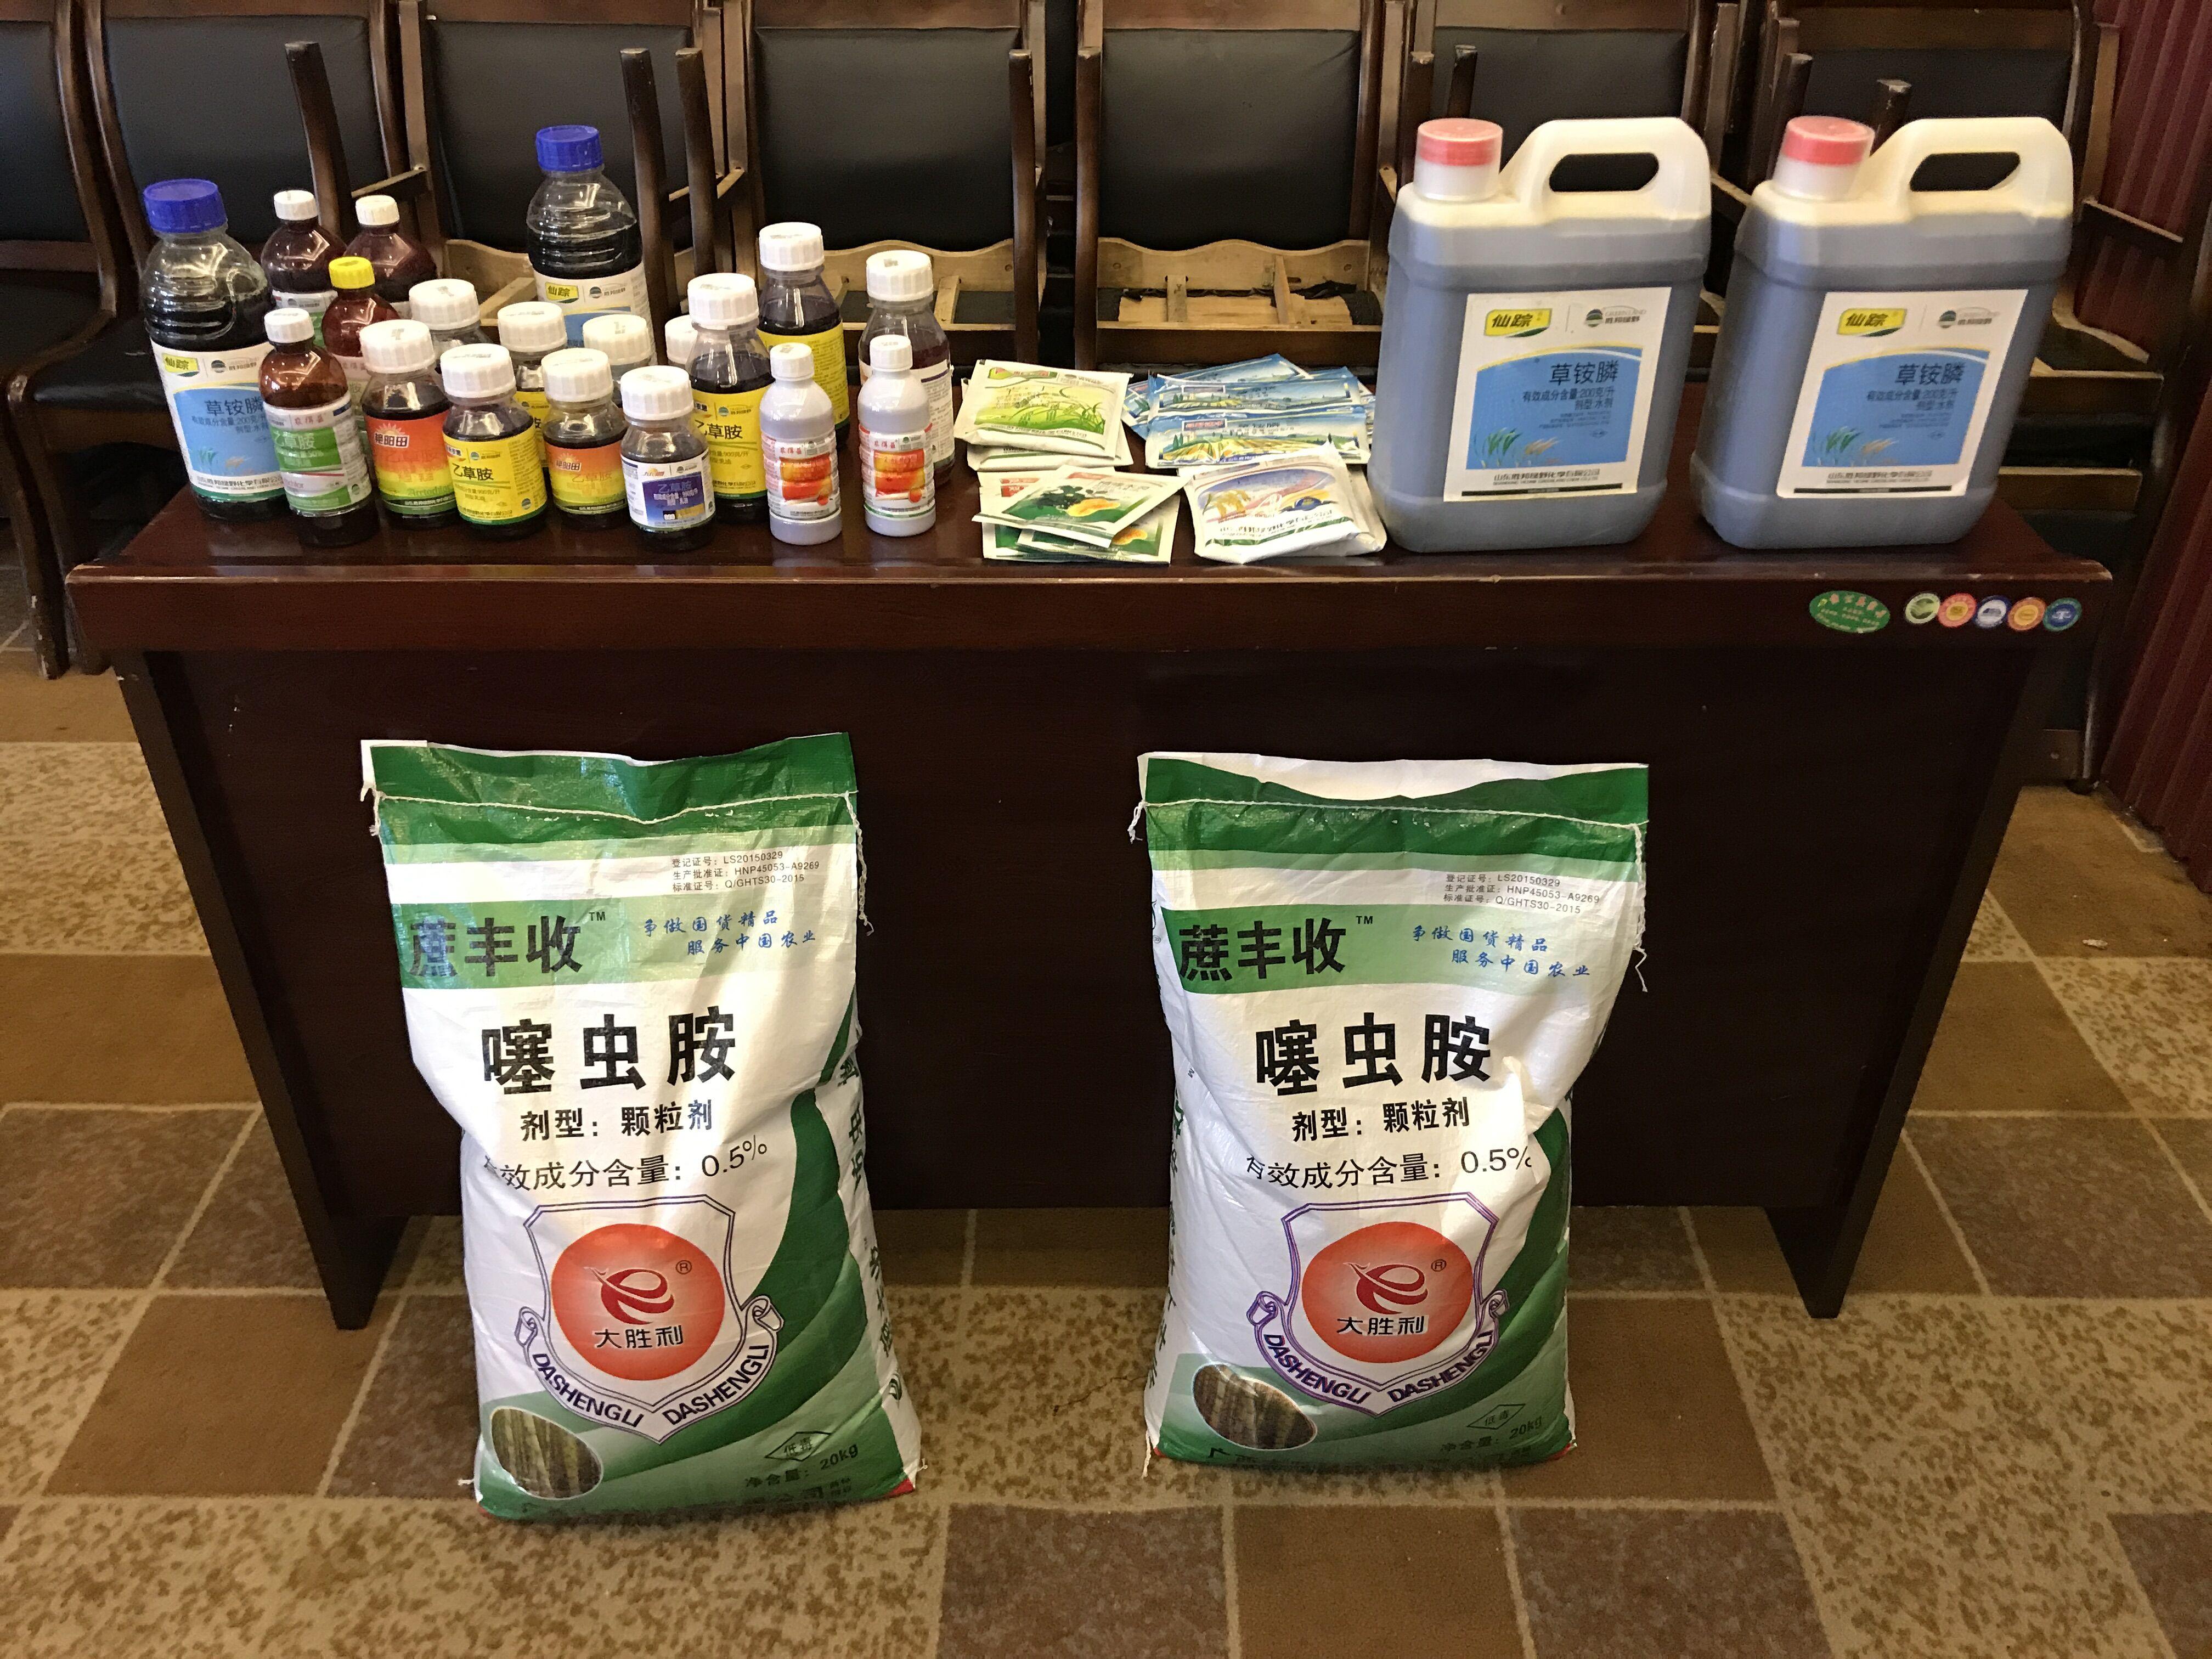 蔗丰收甘蔗药肥